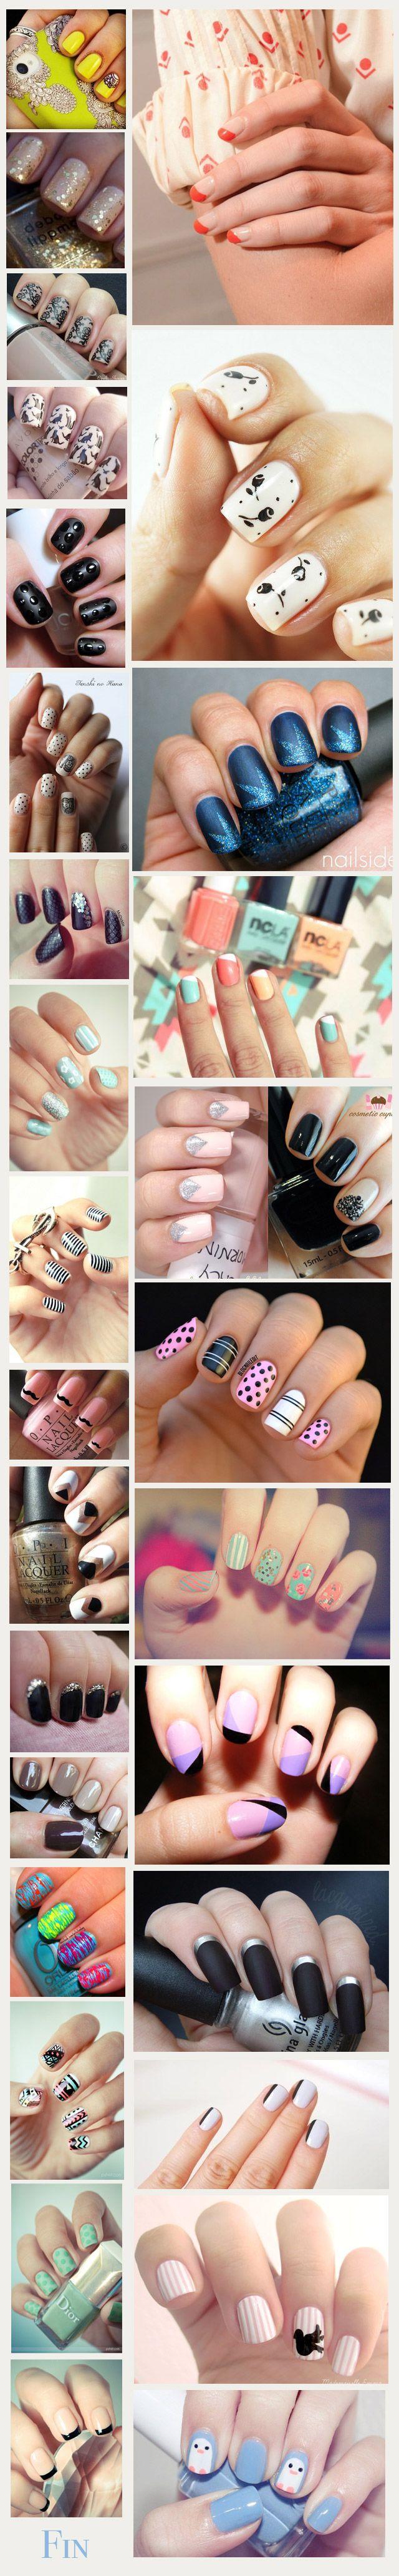 Uñas diseñadas - Tiendas Dressup Providencia: Trend, Nails Design